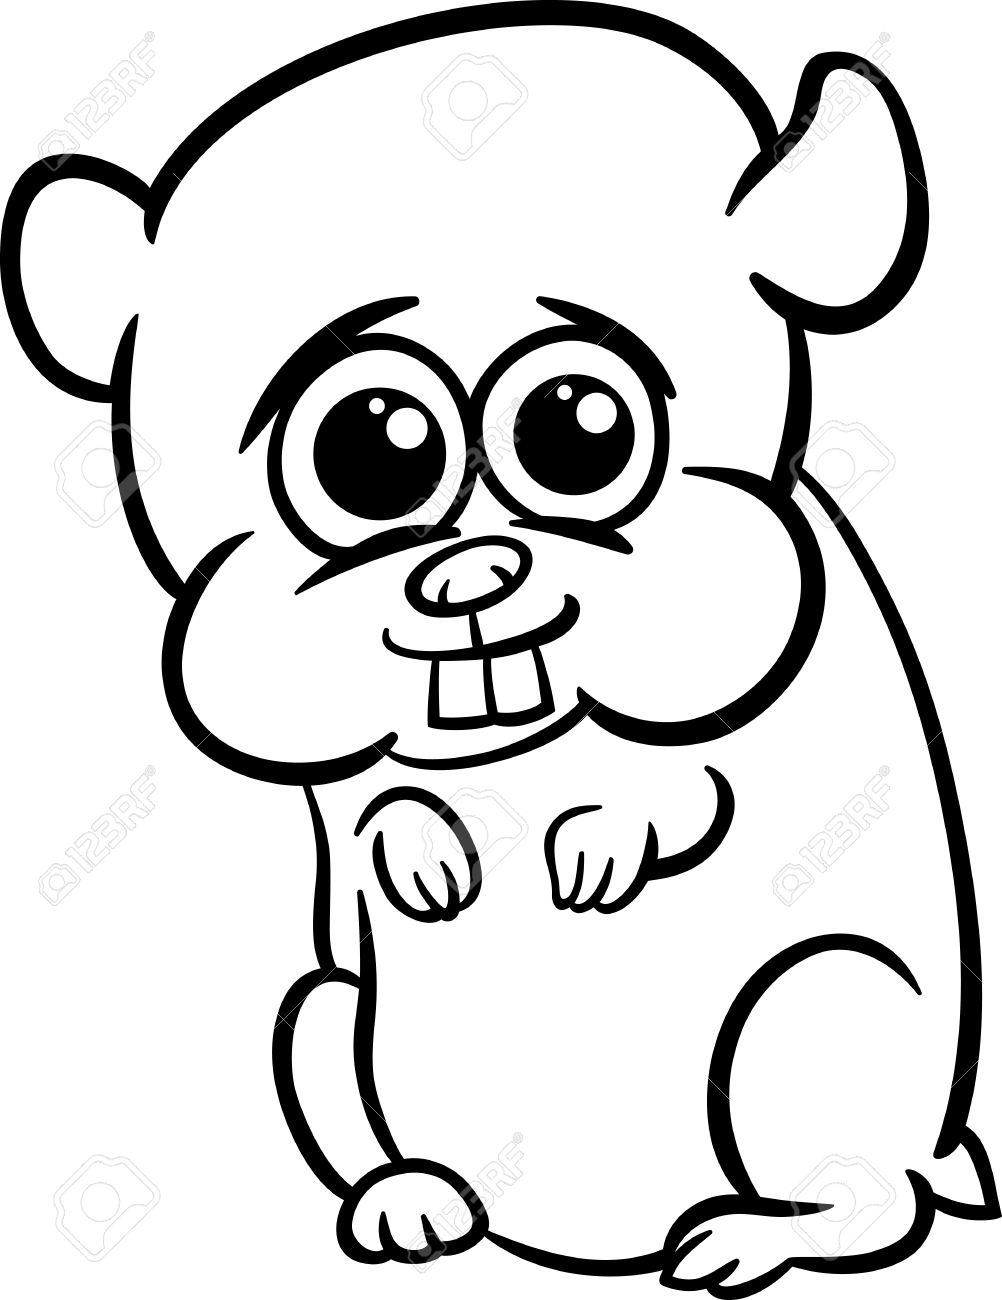 dessin anime noir et blanc illustration de mignon petit bebe hamster animal pour coloring book